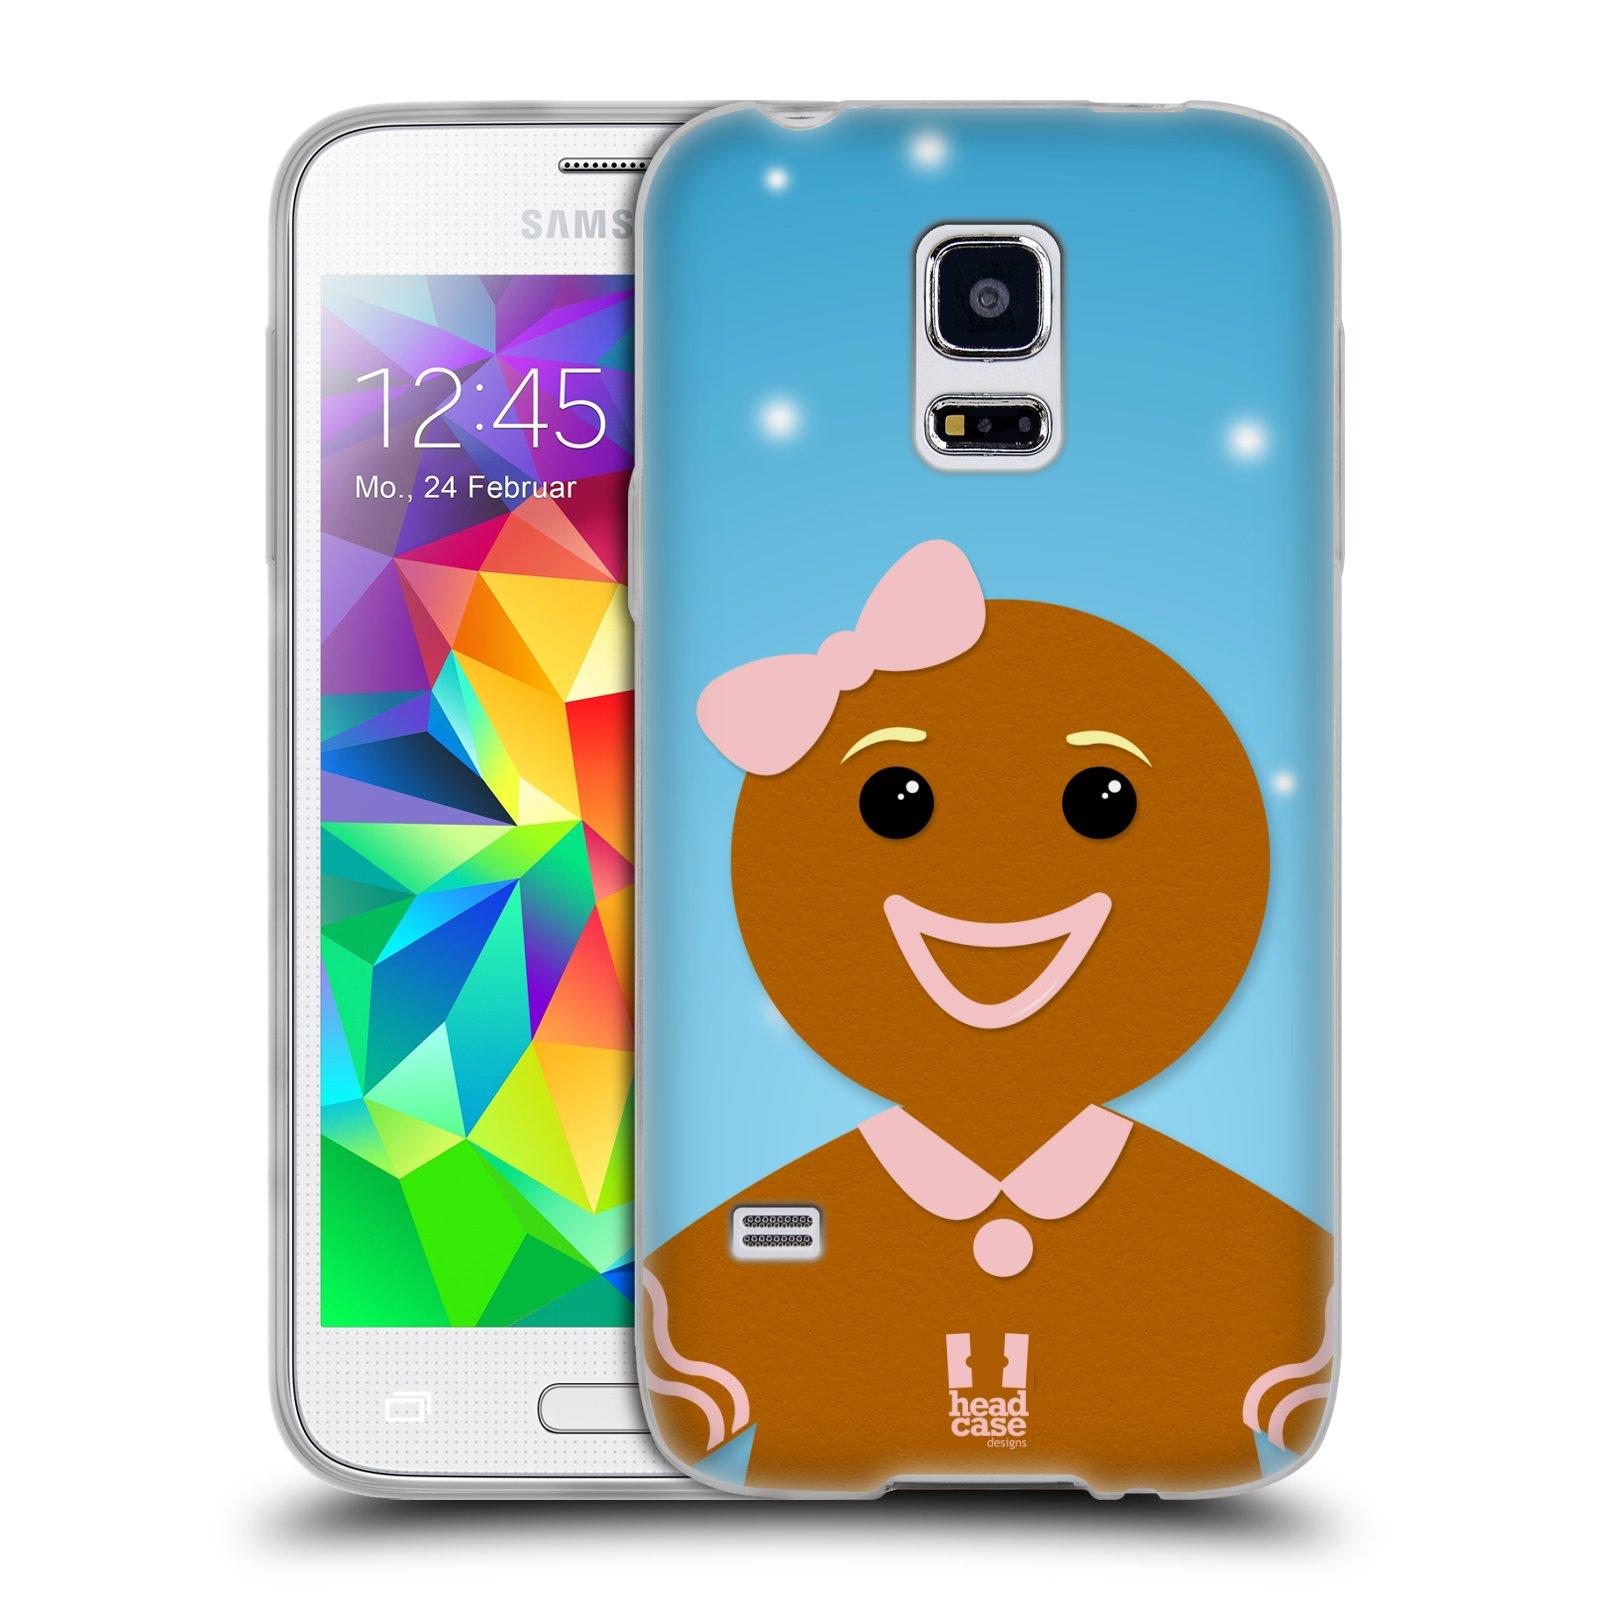 Silikonové pouzdro na mobil Samsung Galaxy S5 Mini HEAD CASE VÁNOCE PERNÍČEK (Silikonový kryt či obal na mobilní telefon Samsung Galaxy S5 Mini SM-G800F)